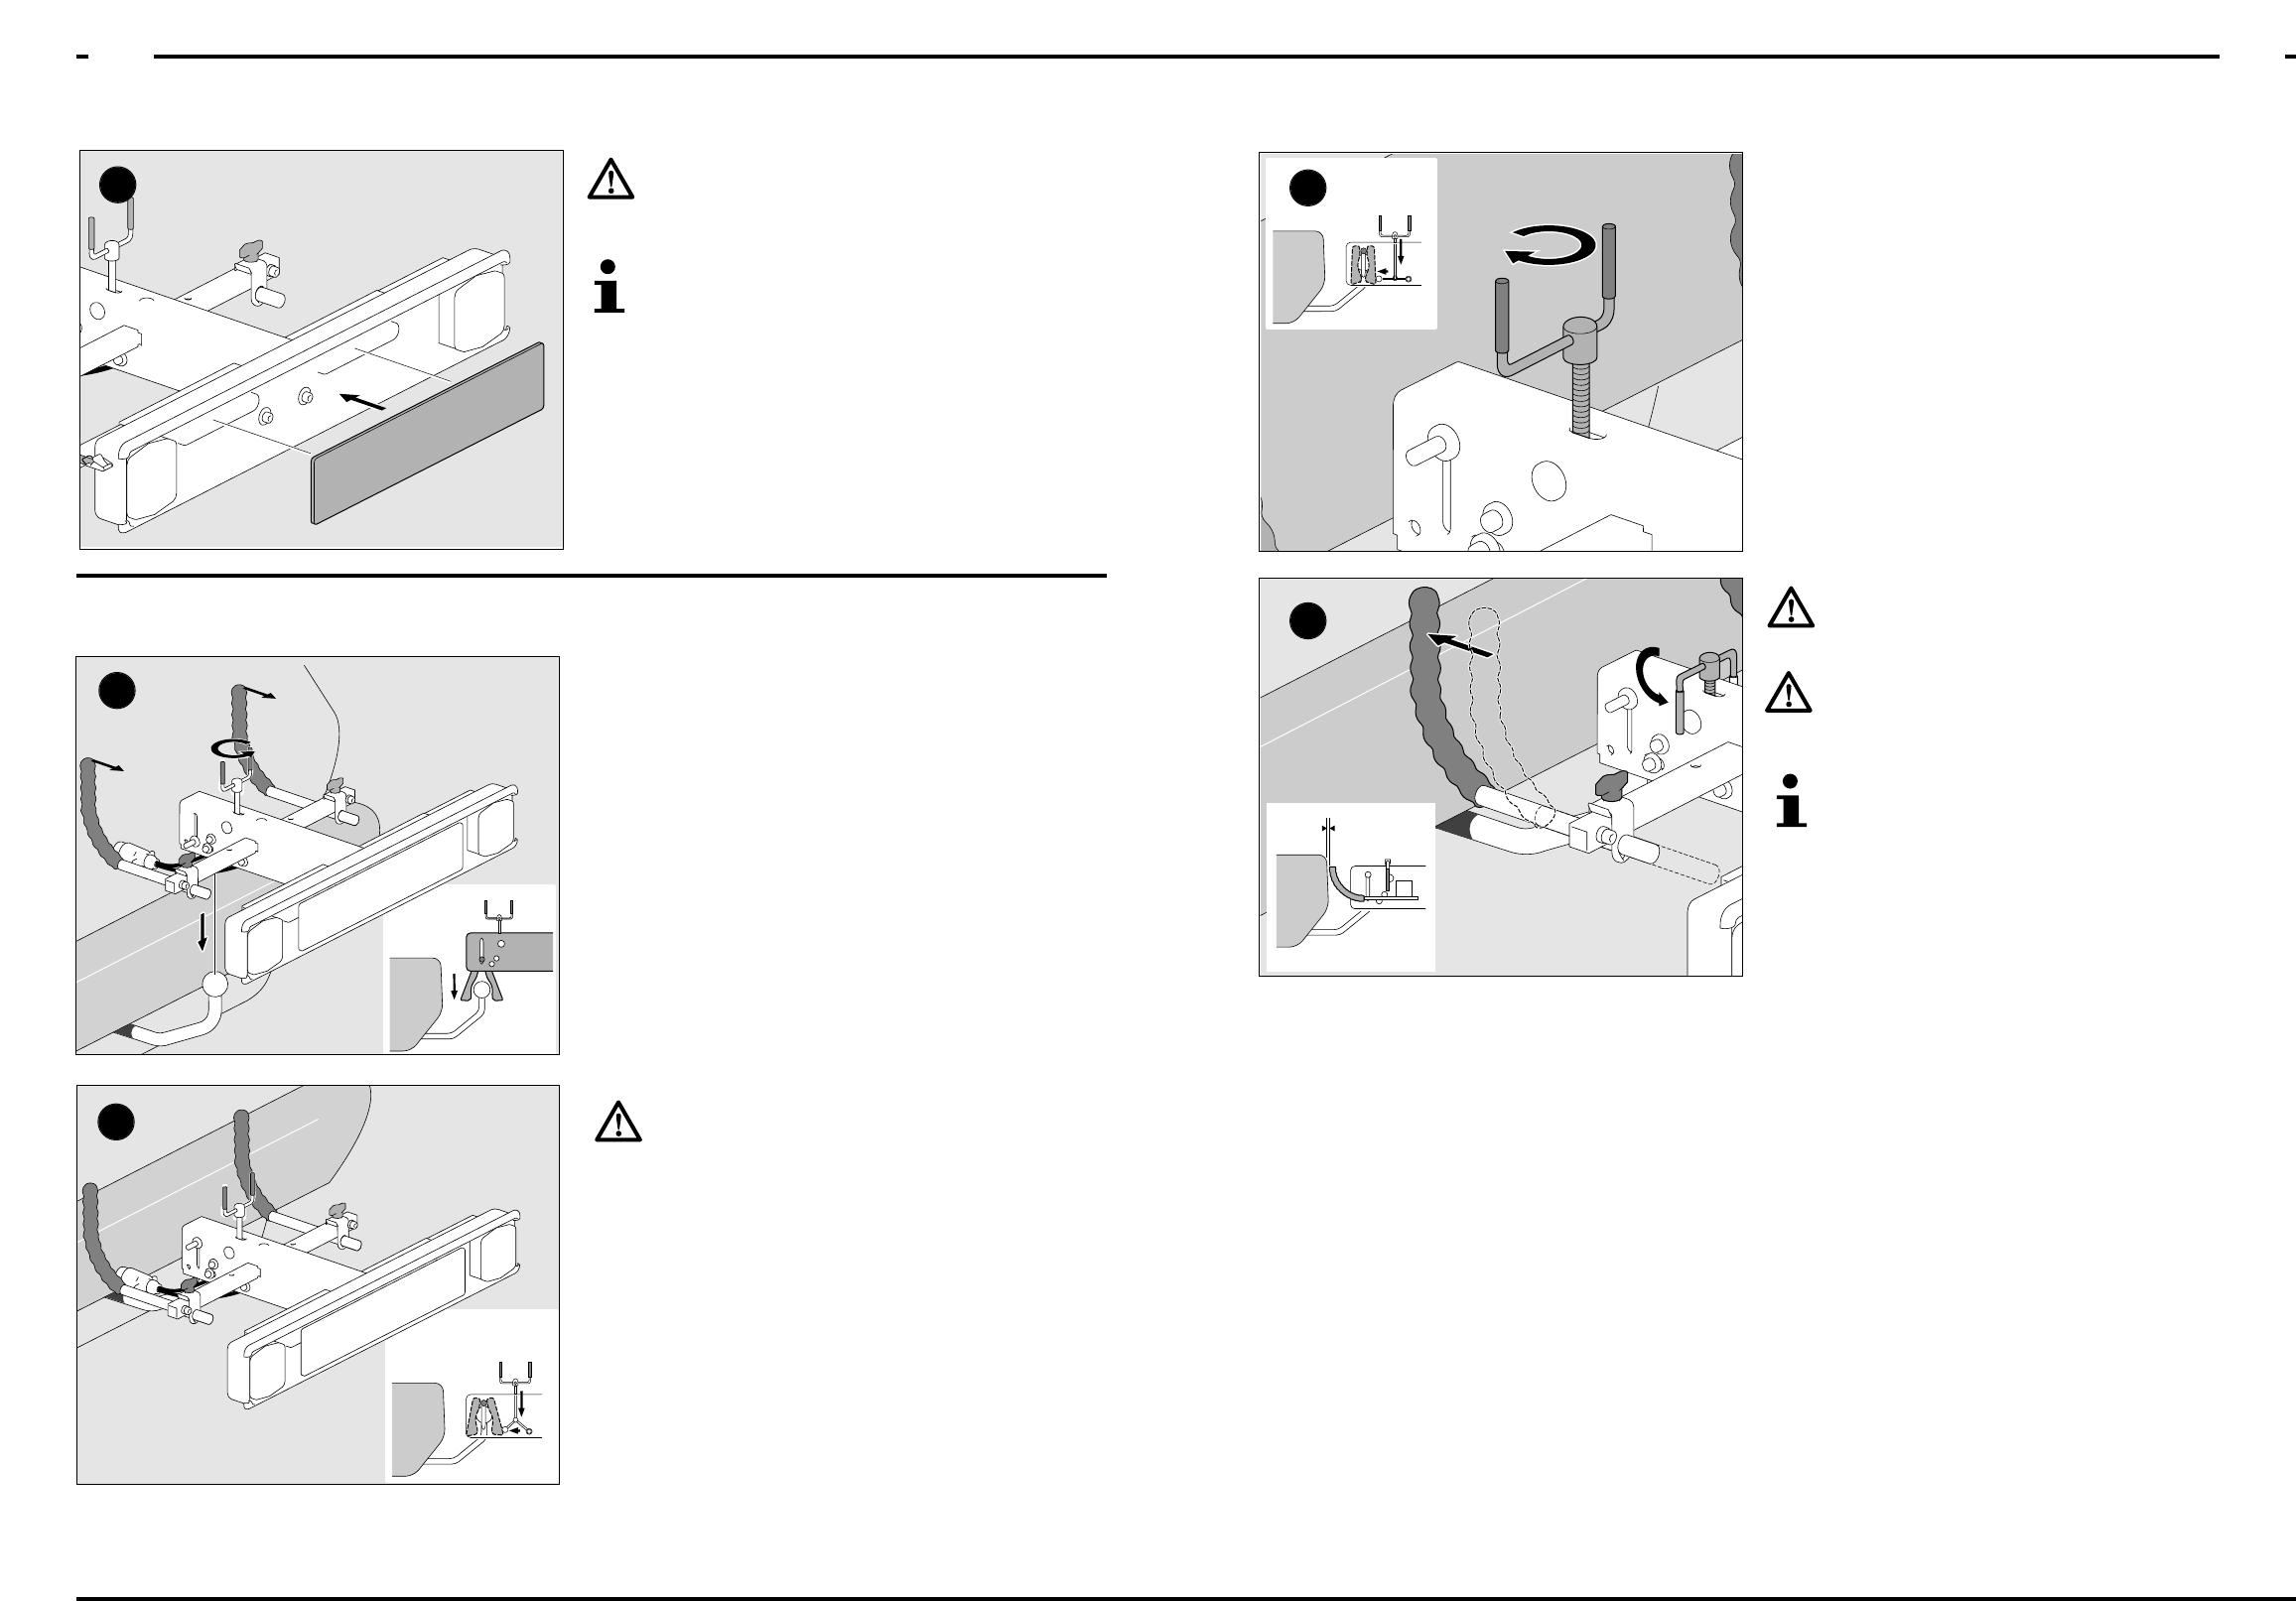 Wonderlijk Handleiding Twinny Load Master Load (pagina 1 van 4) (Nederlands) IG-16